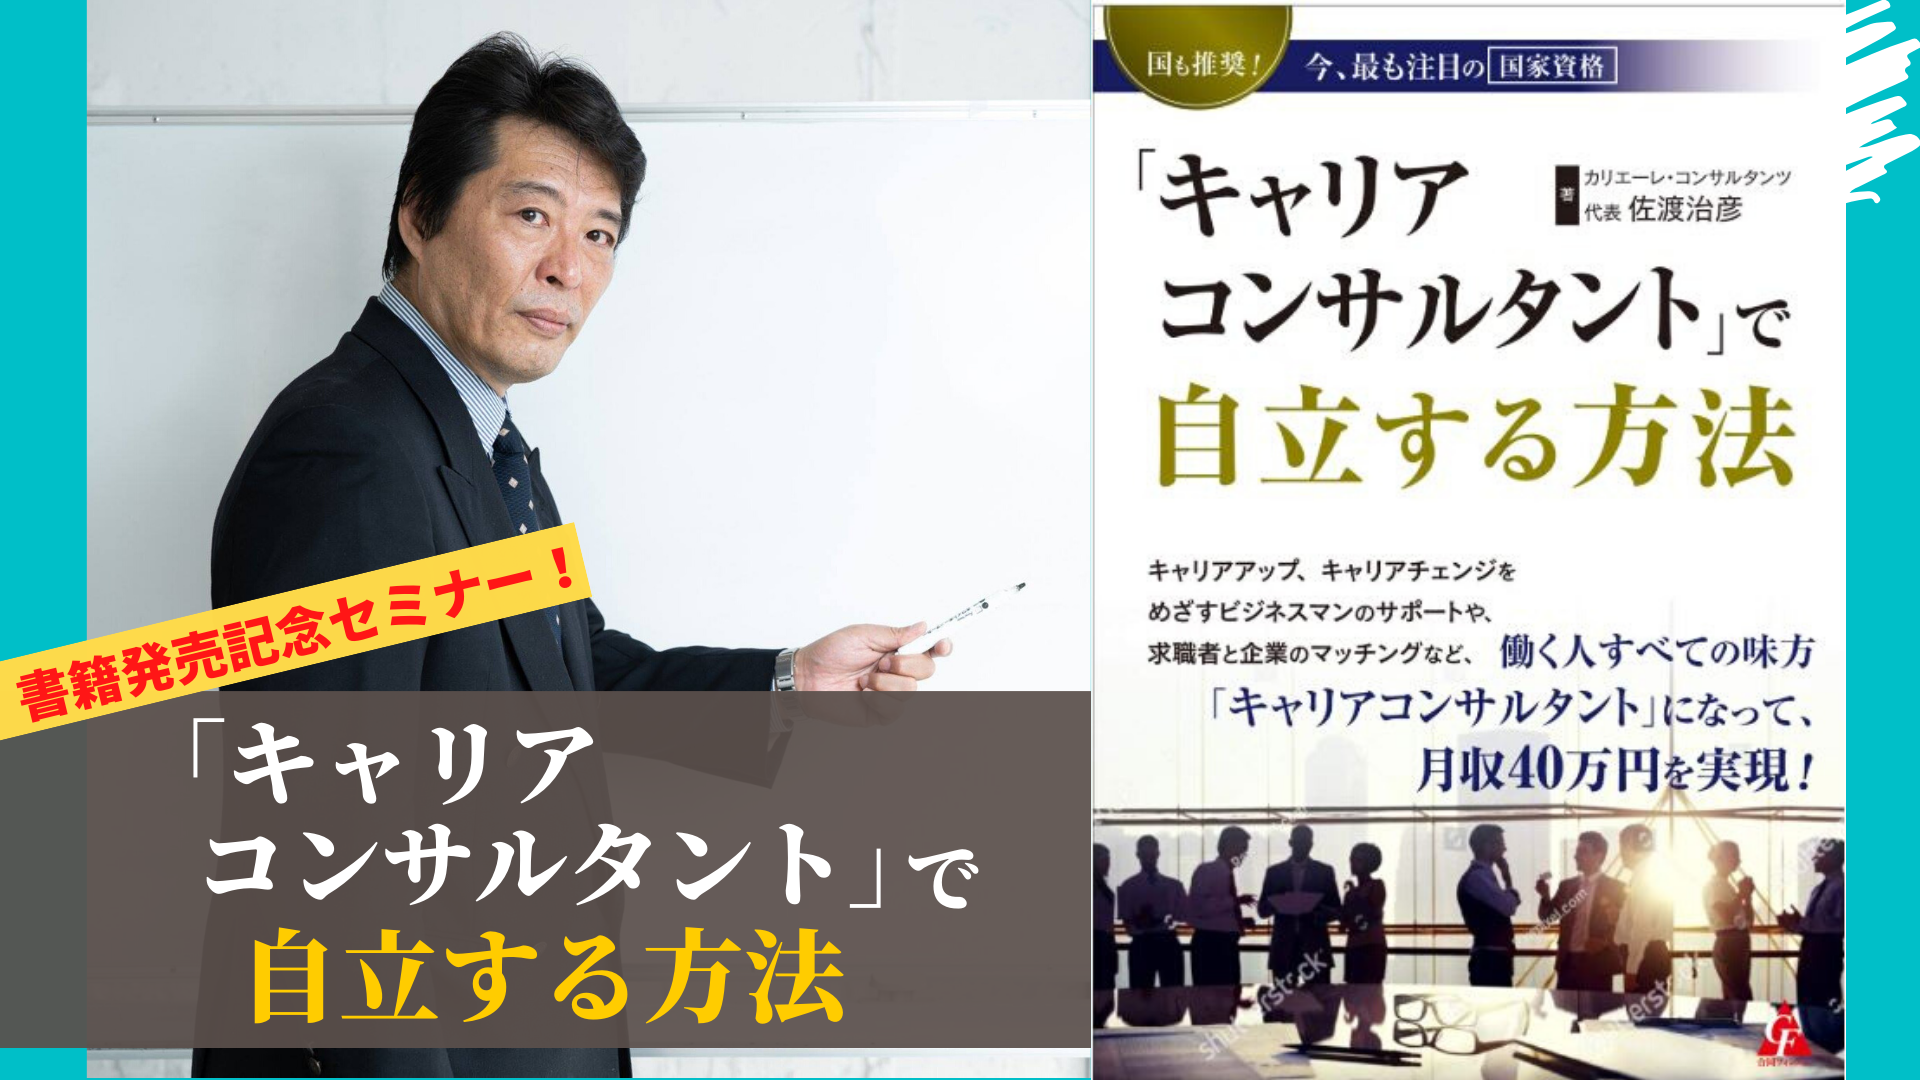 11/13 書籍発売記念セミナー!「キャリアコンサルタント」で自立する方法